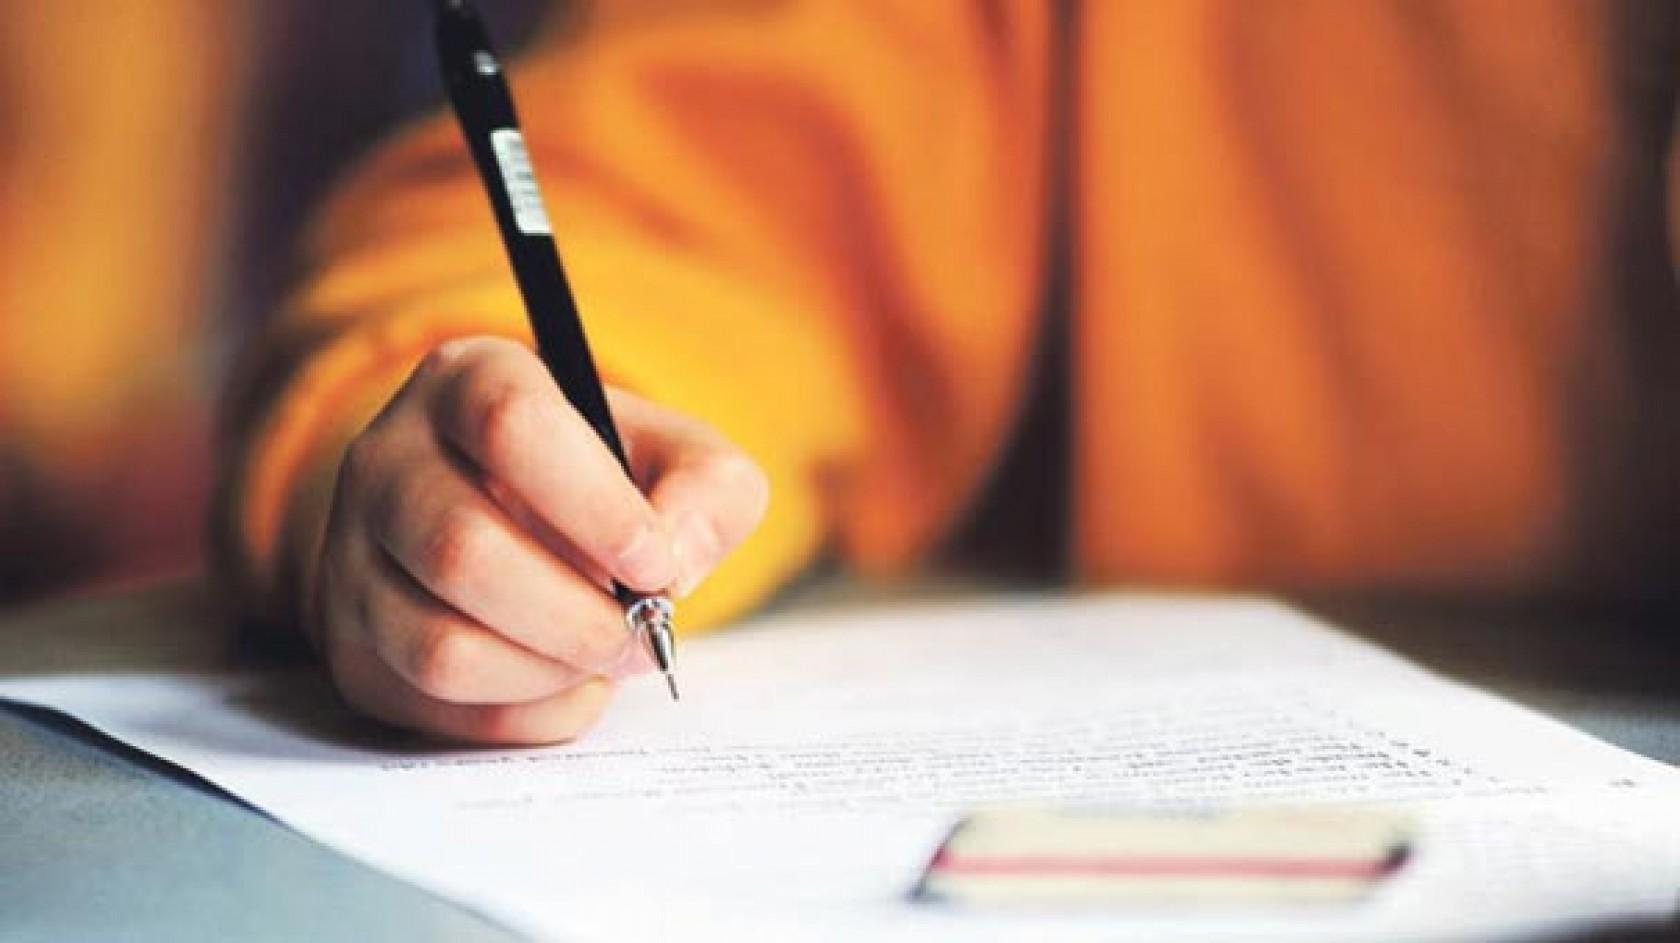 Amerika Lise Eğitimi PLEP Sınavı Başvuru Koşulları Nelerdir